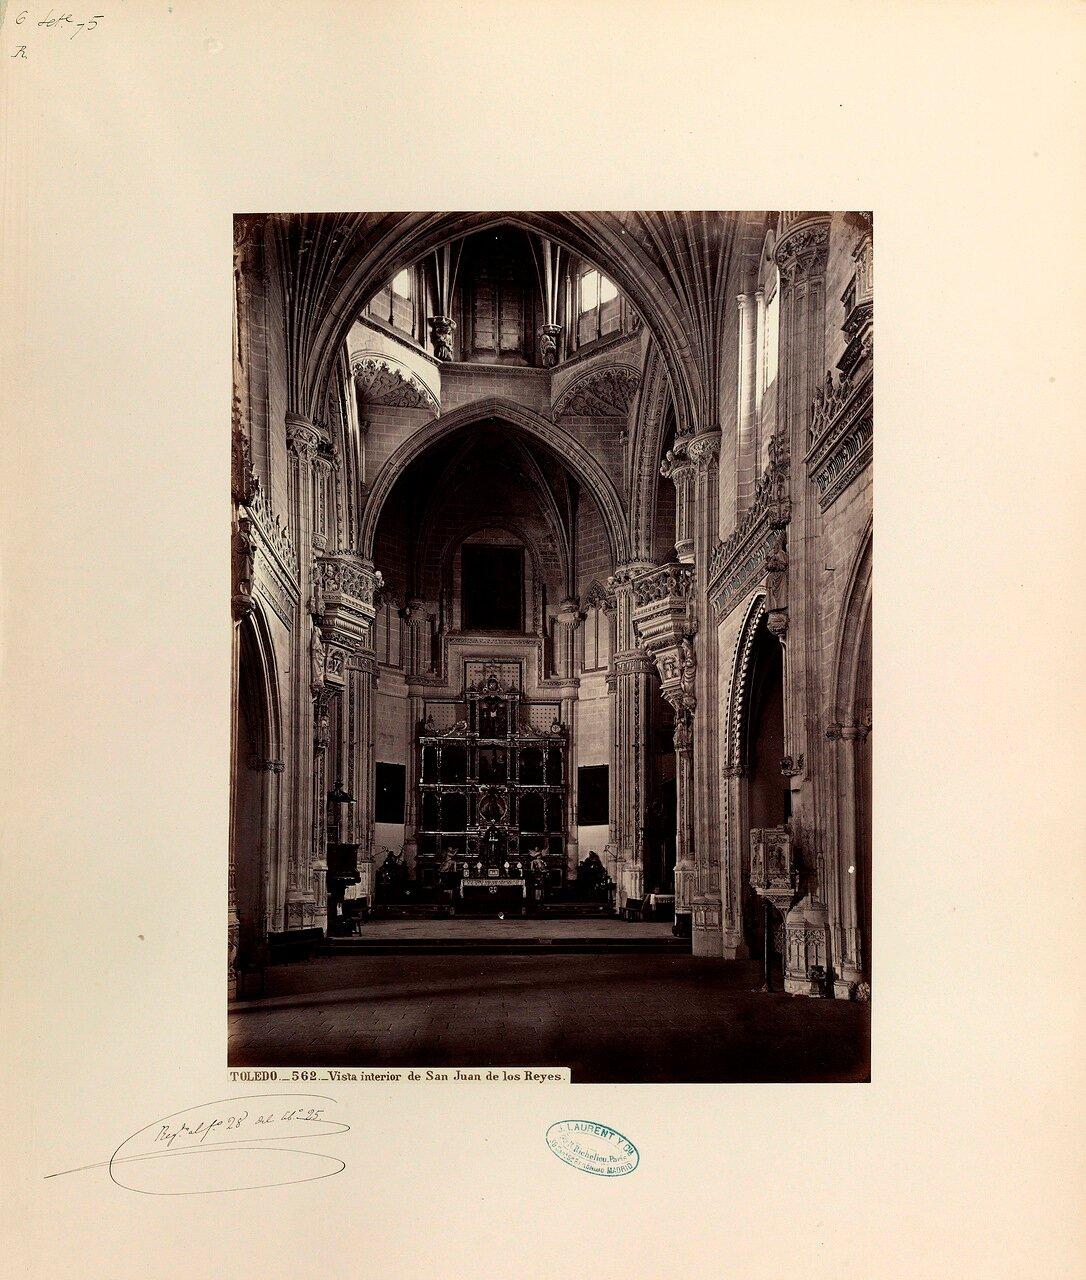 Внутренний вид францисканского монастыря Сан Хуан де лос Рейес. Толедо